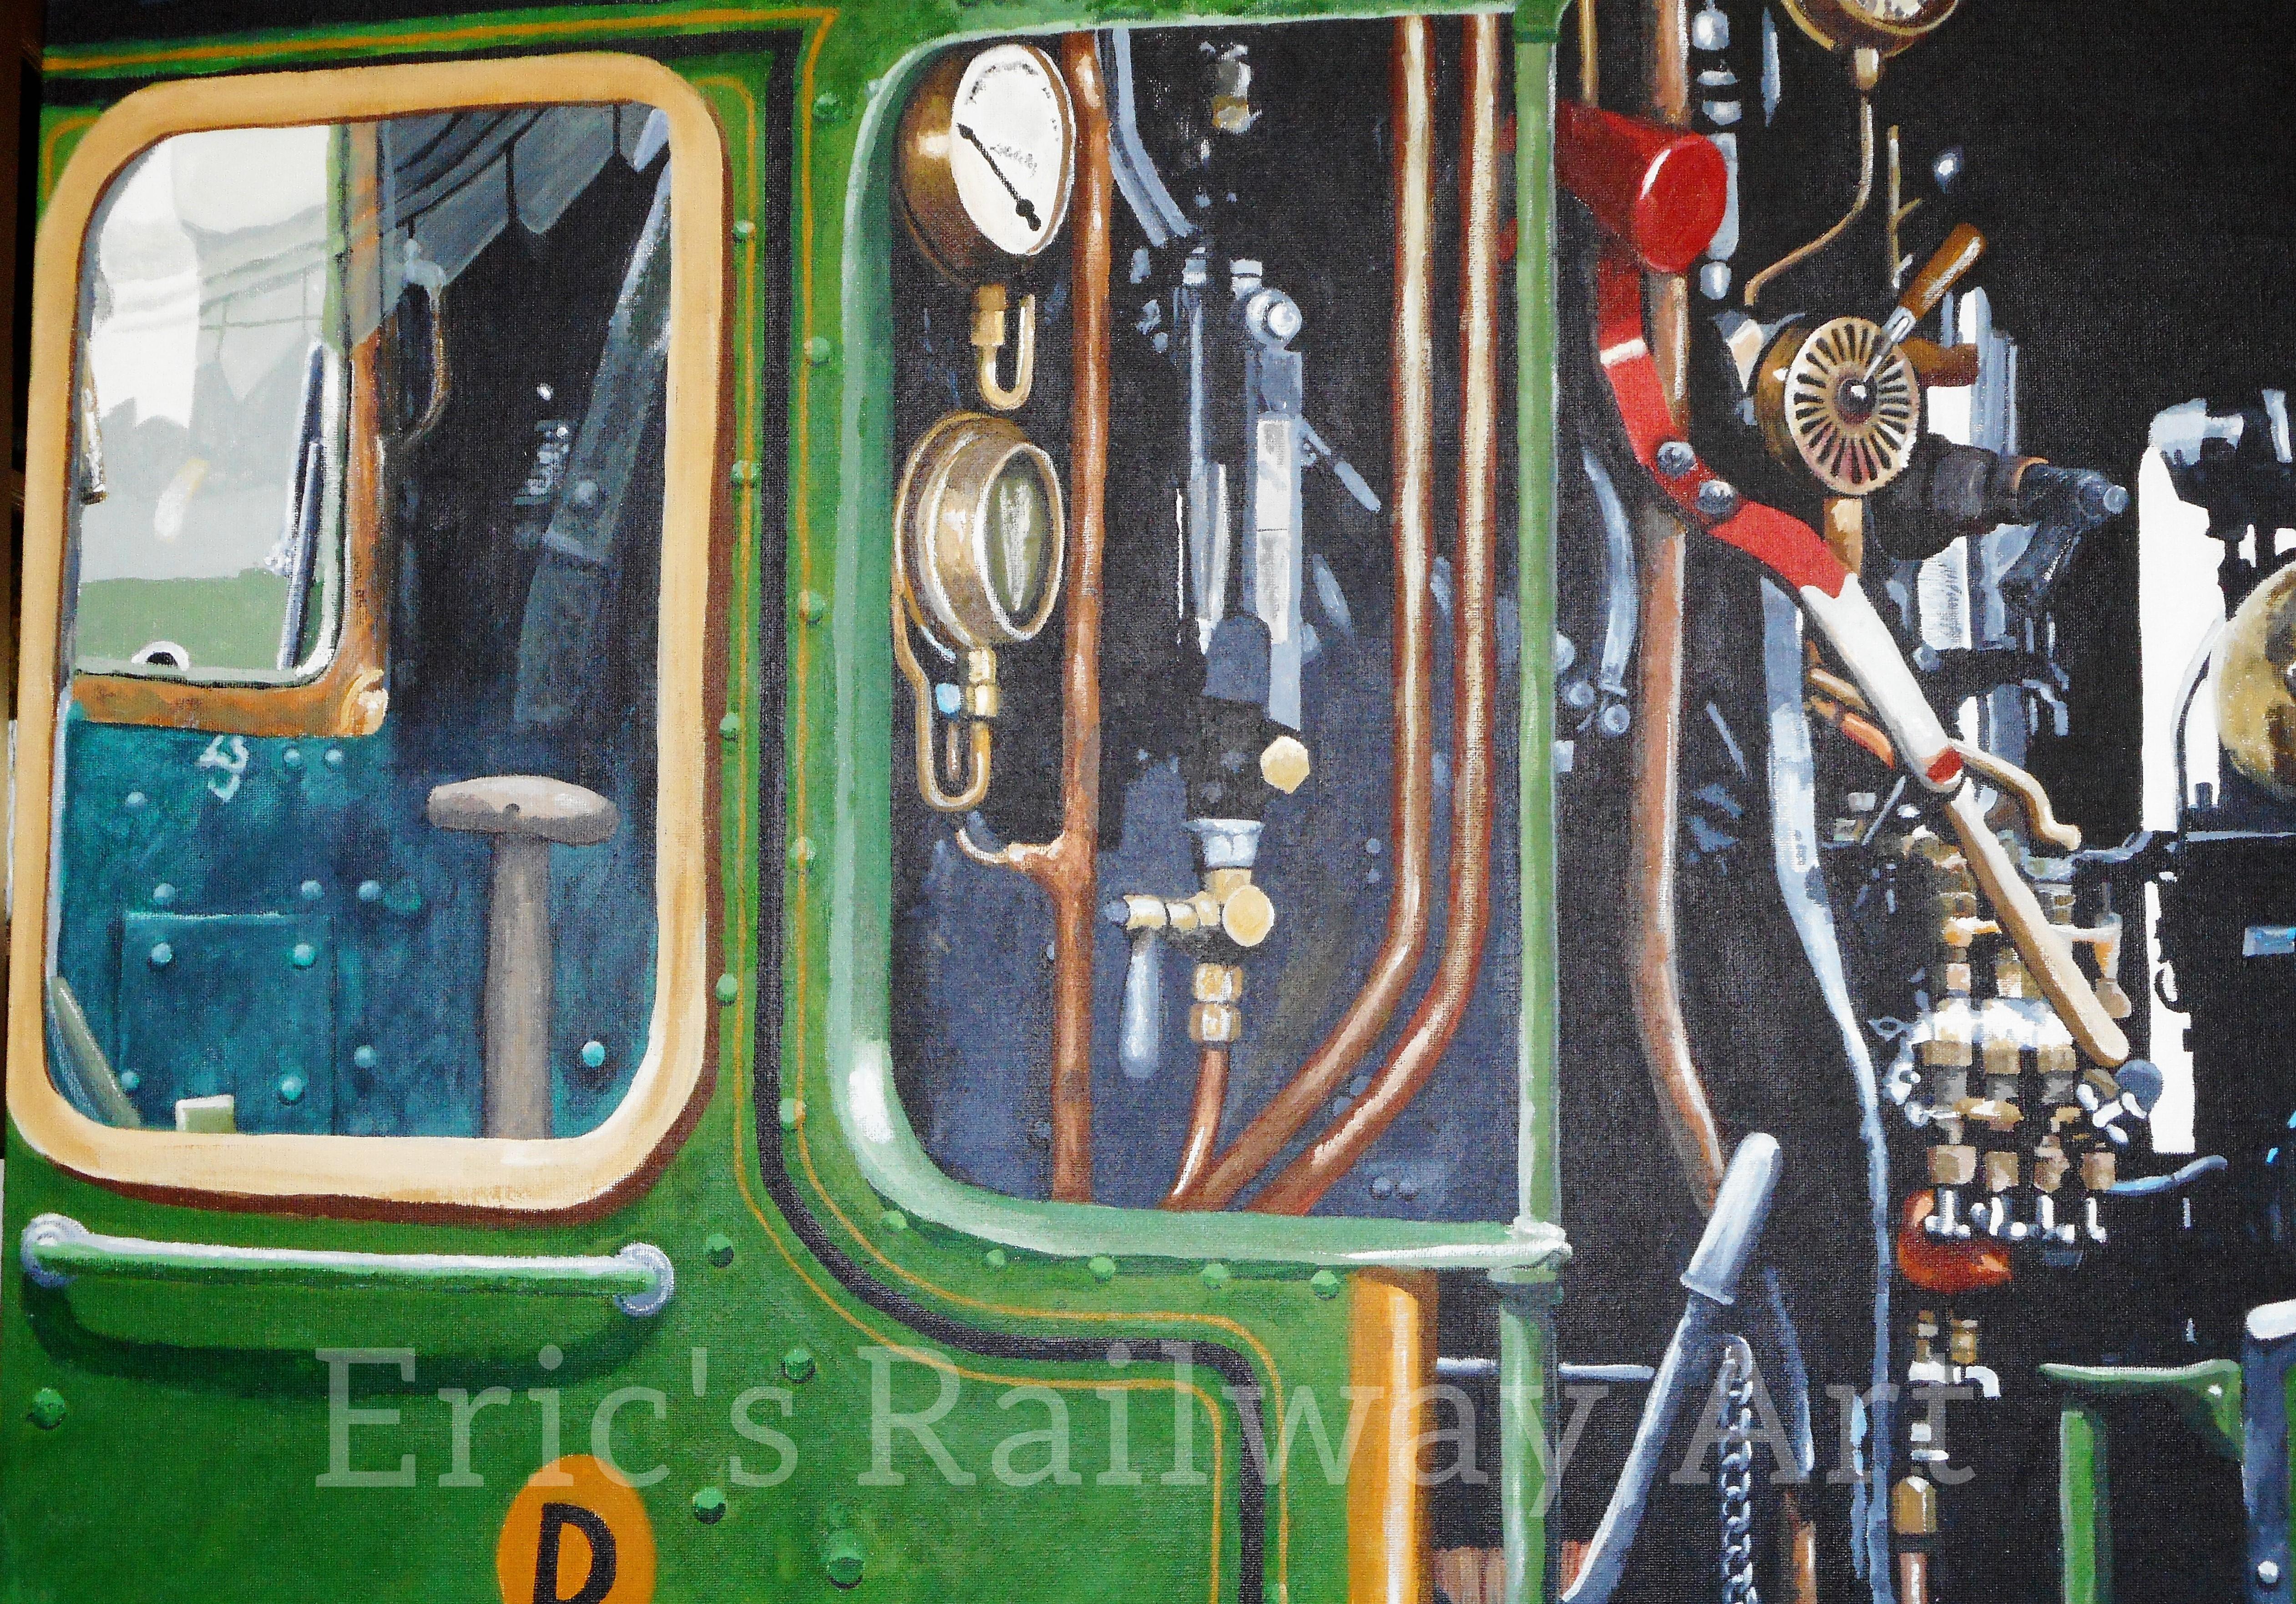 Eric's Railway Art - Inside King Edward I